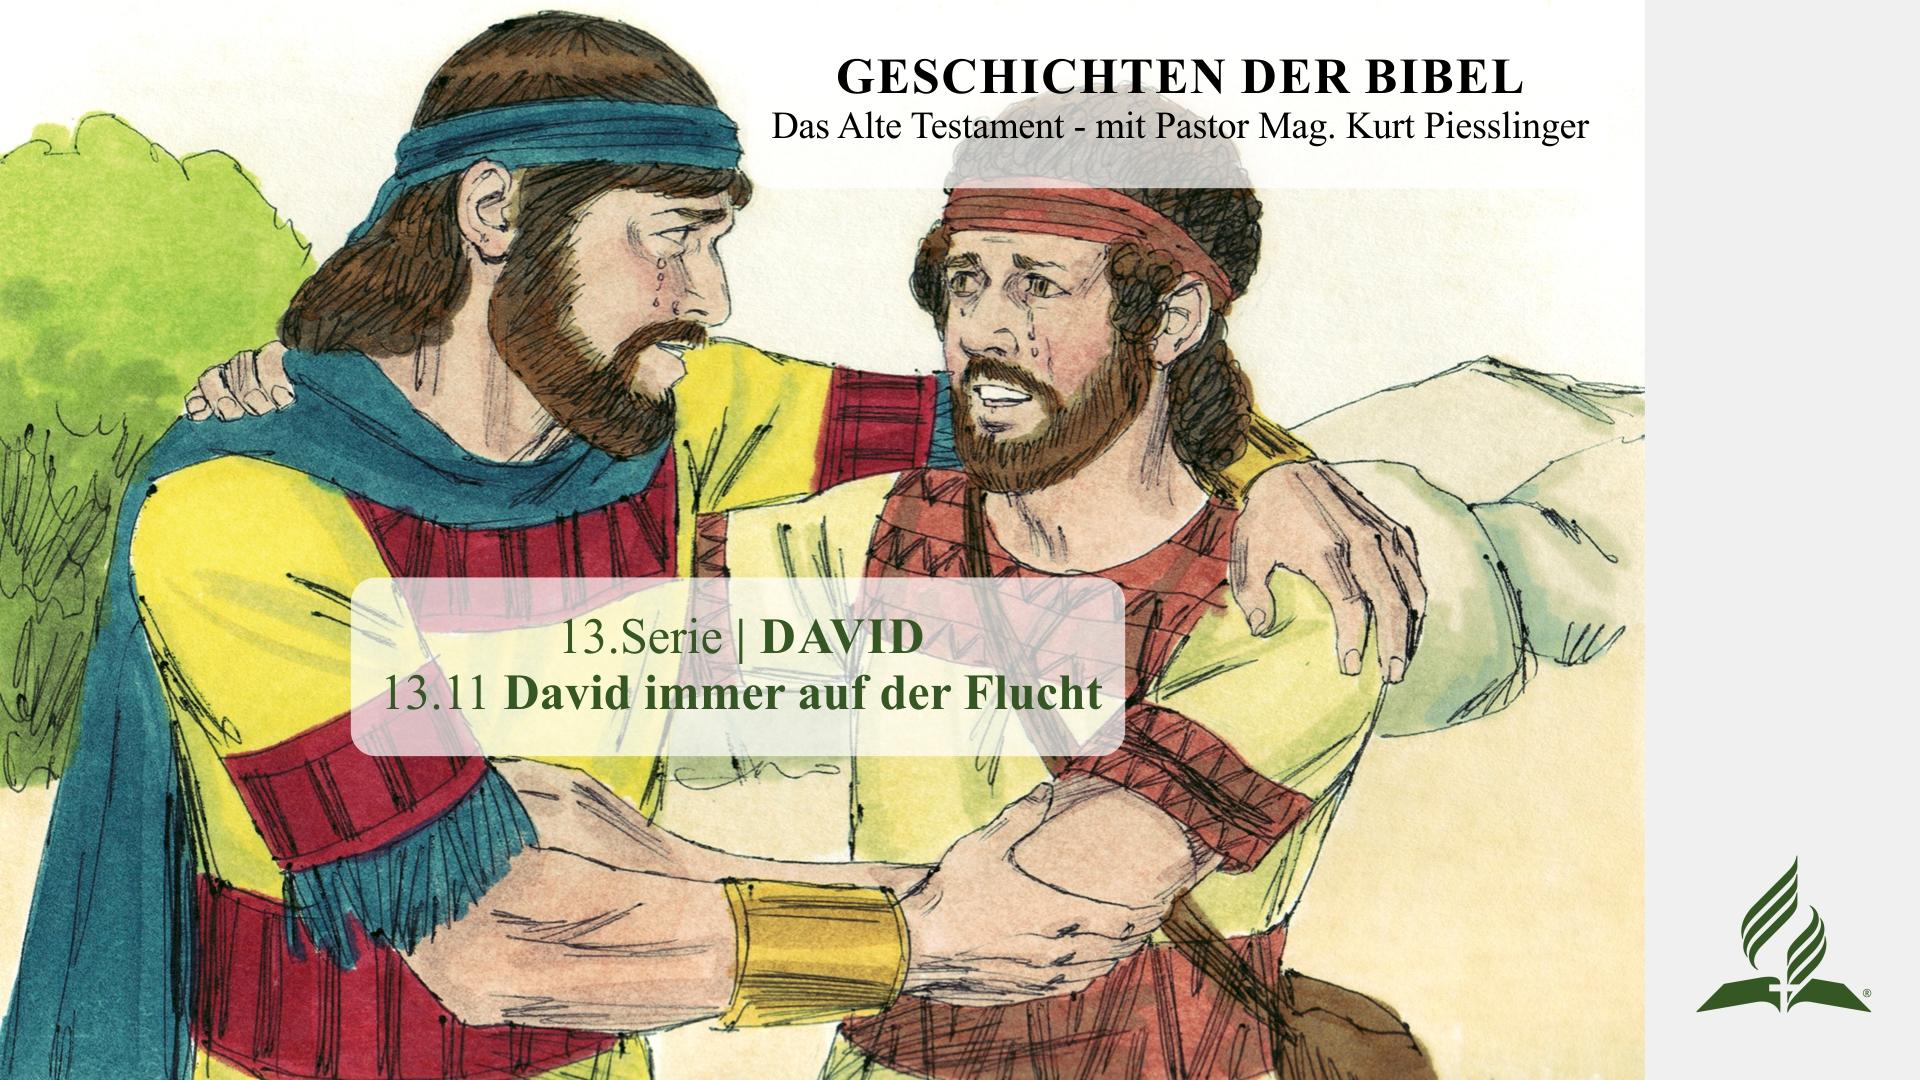 13.11 David immer auf der Flucht x